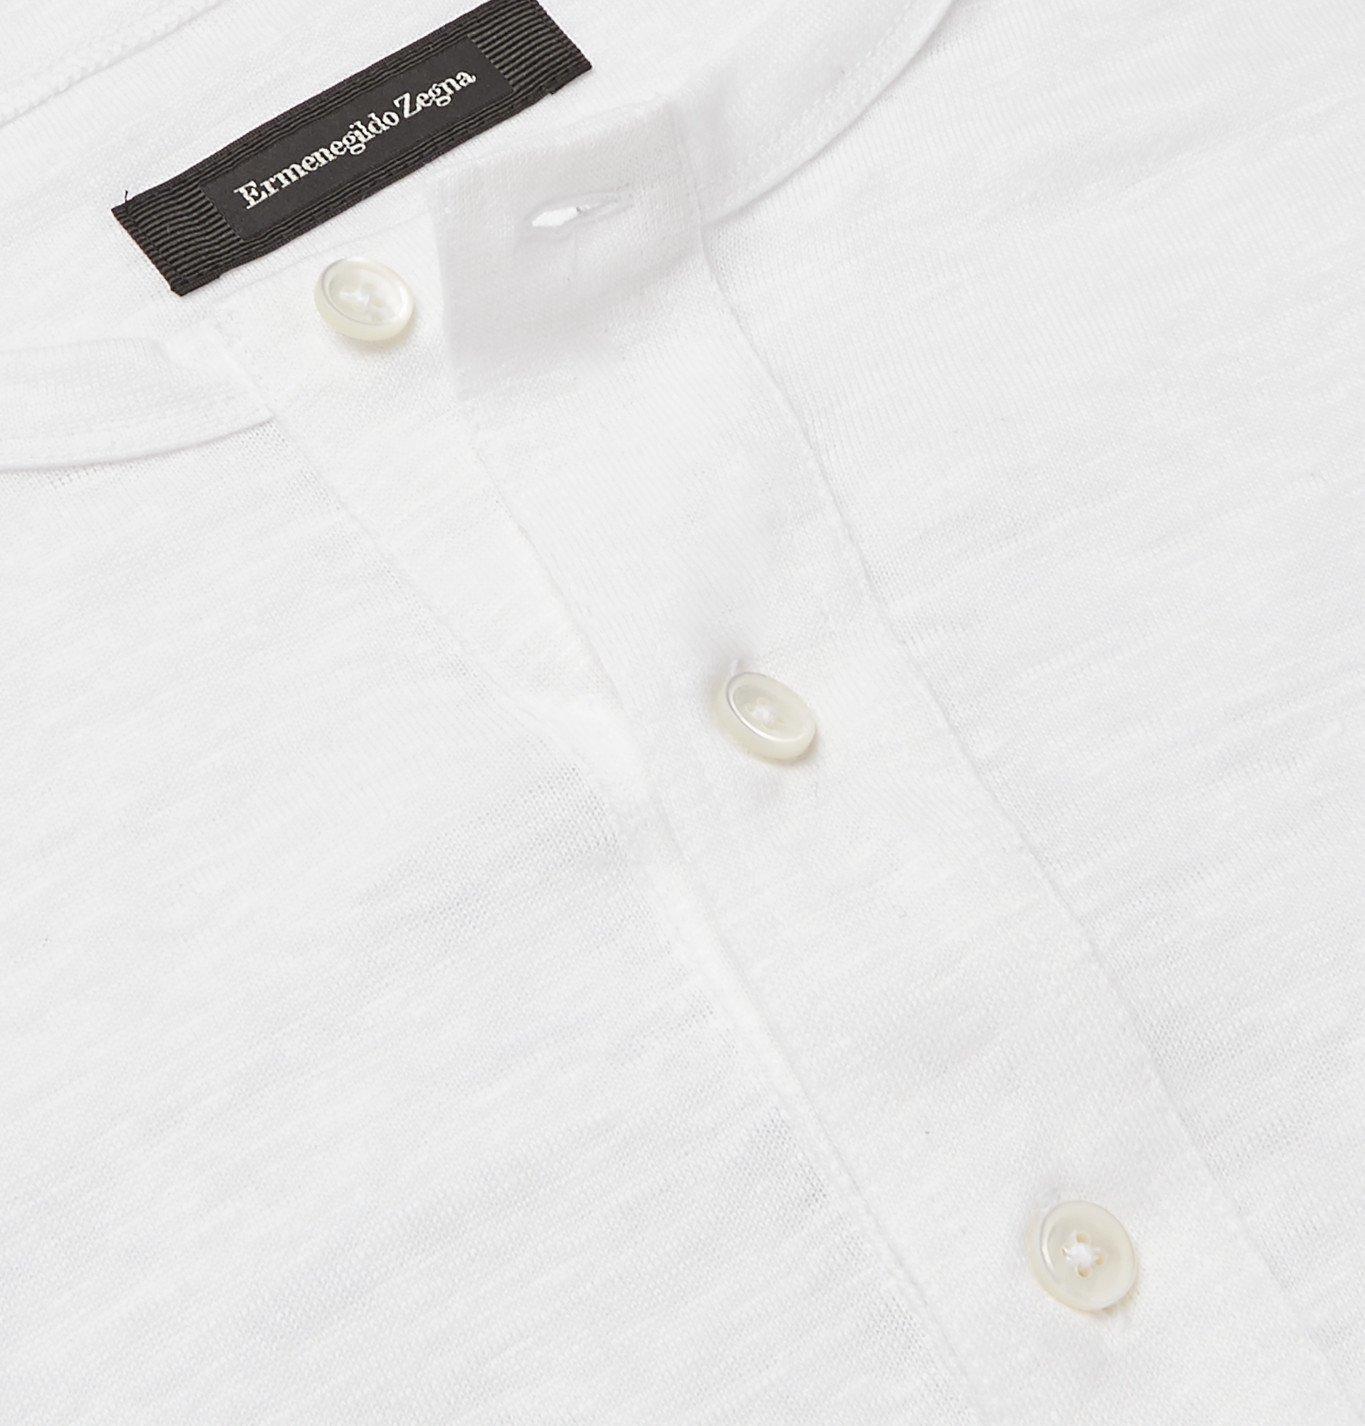 Ermenegildo Zegna - Slim-Fit Slub Linen Henley T-Shirt - White